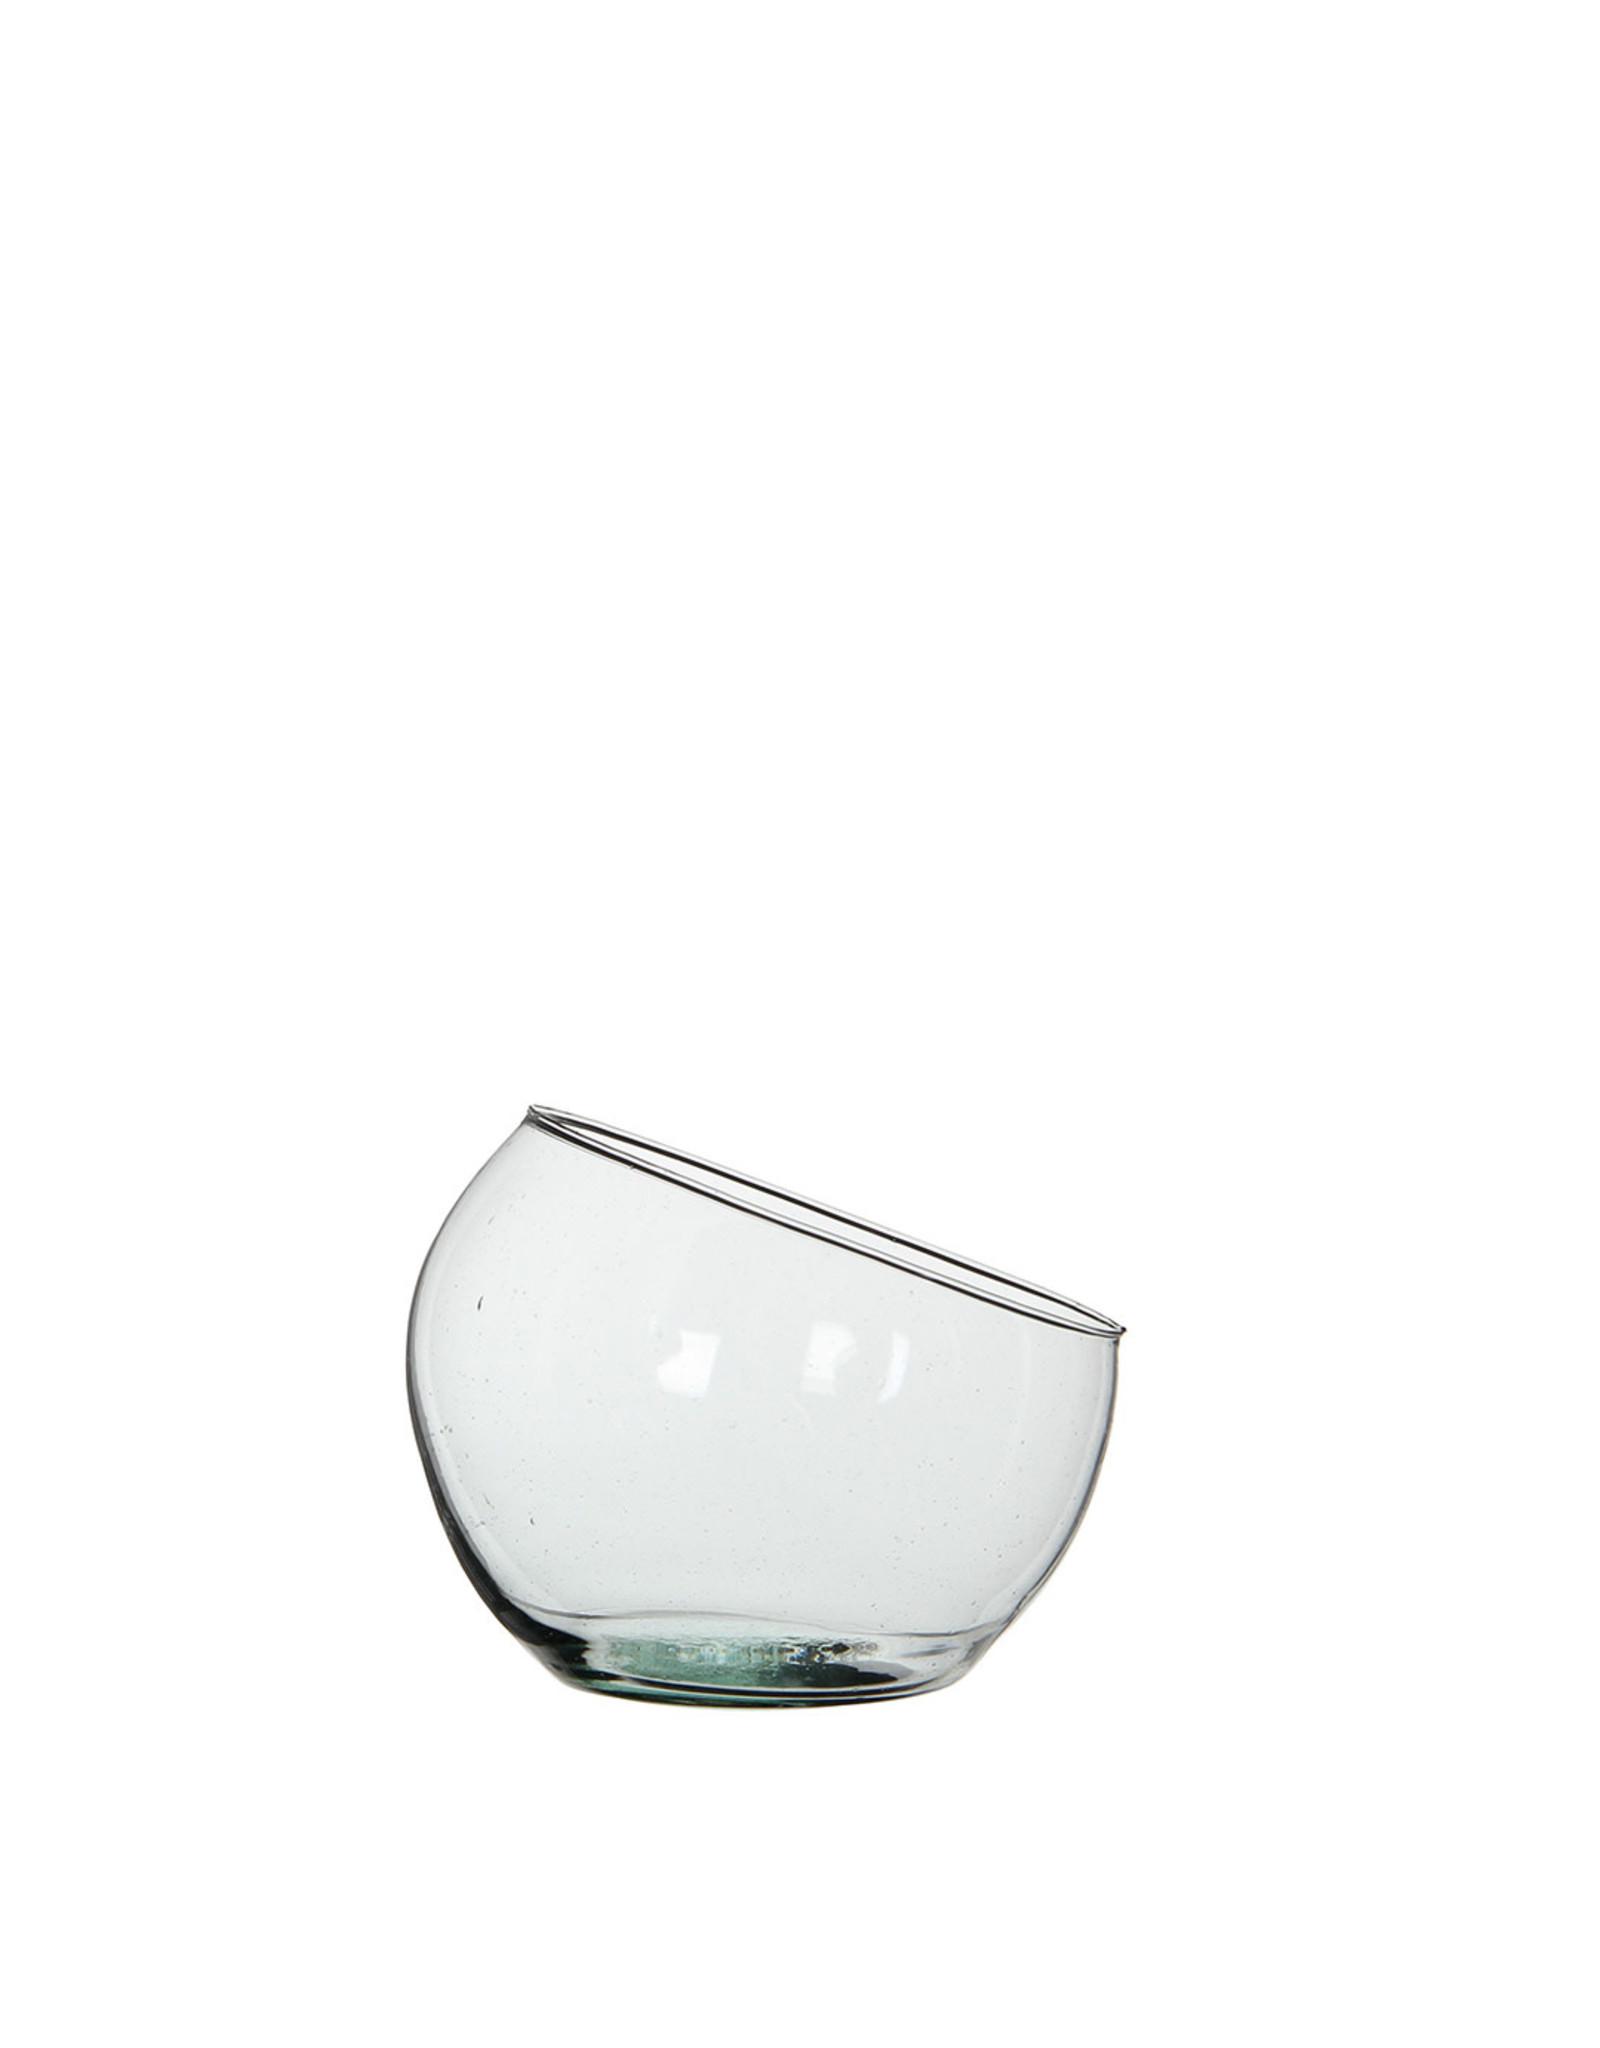 Bowly Bowl - Transparent